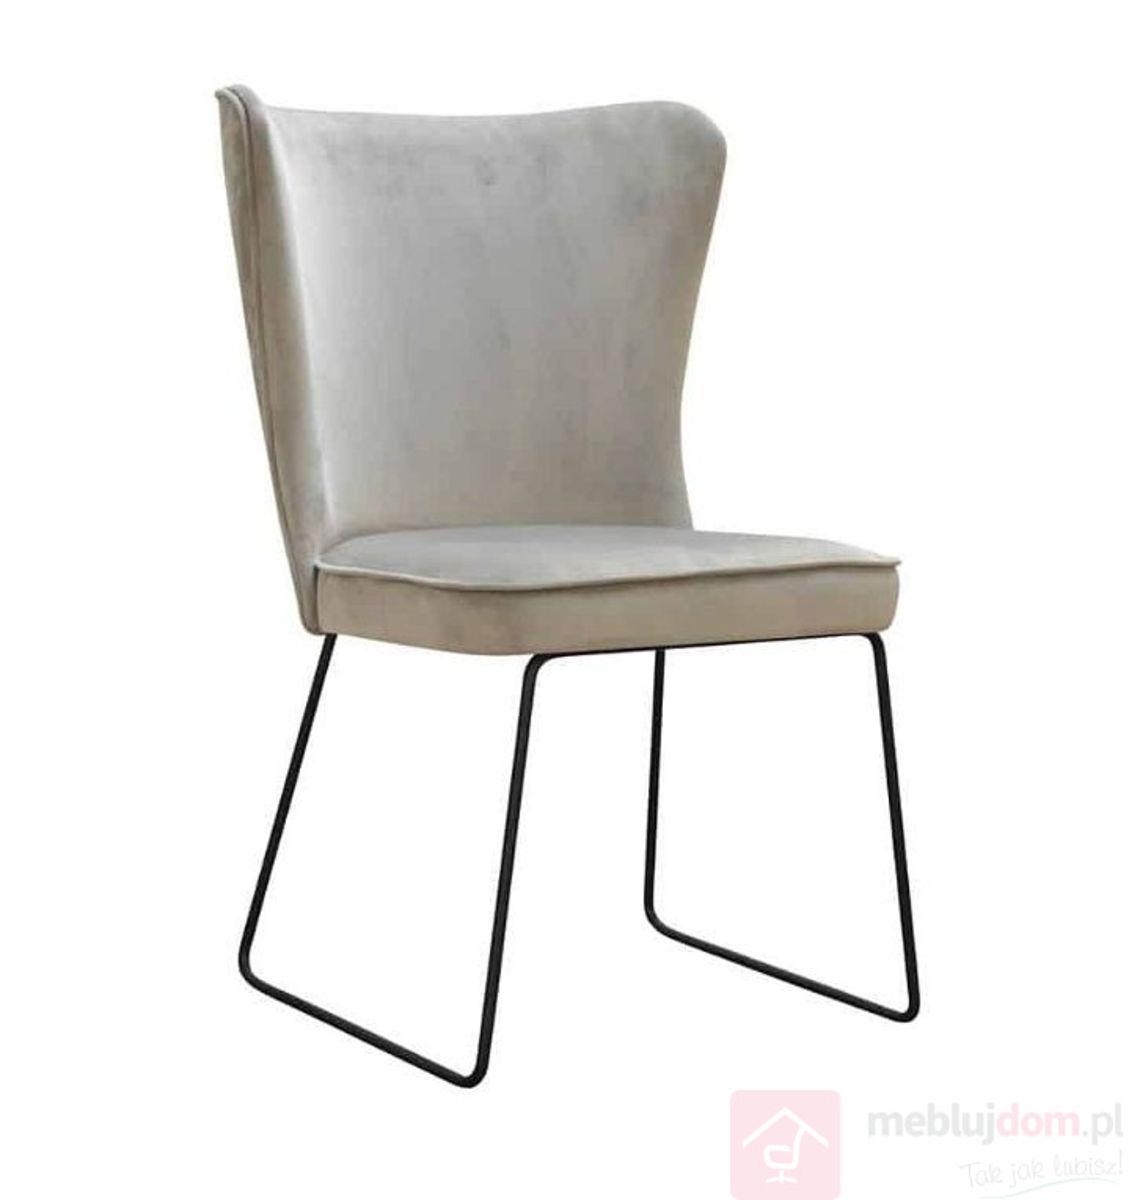 Krzesło MONTI SKI przód 2